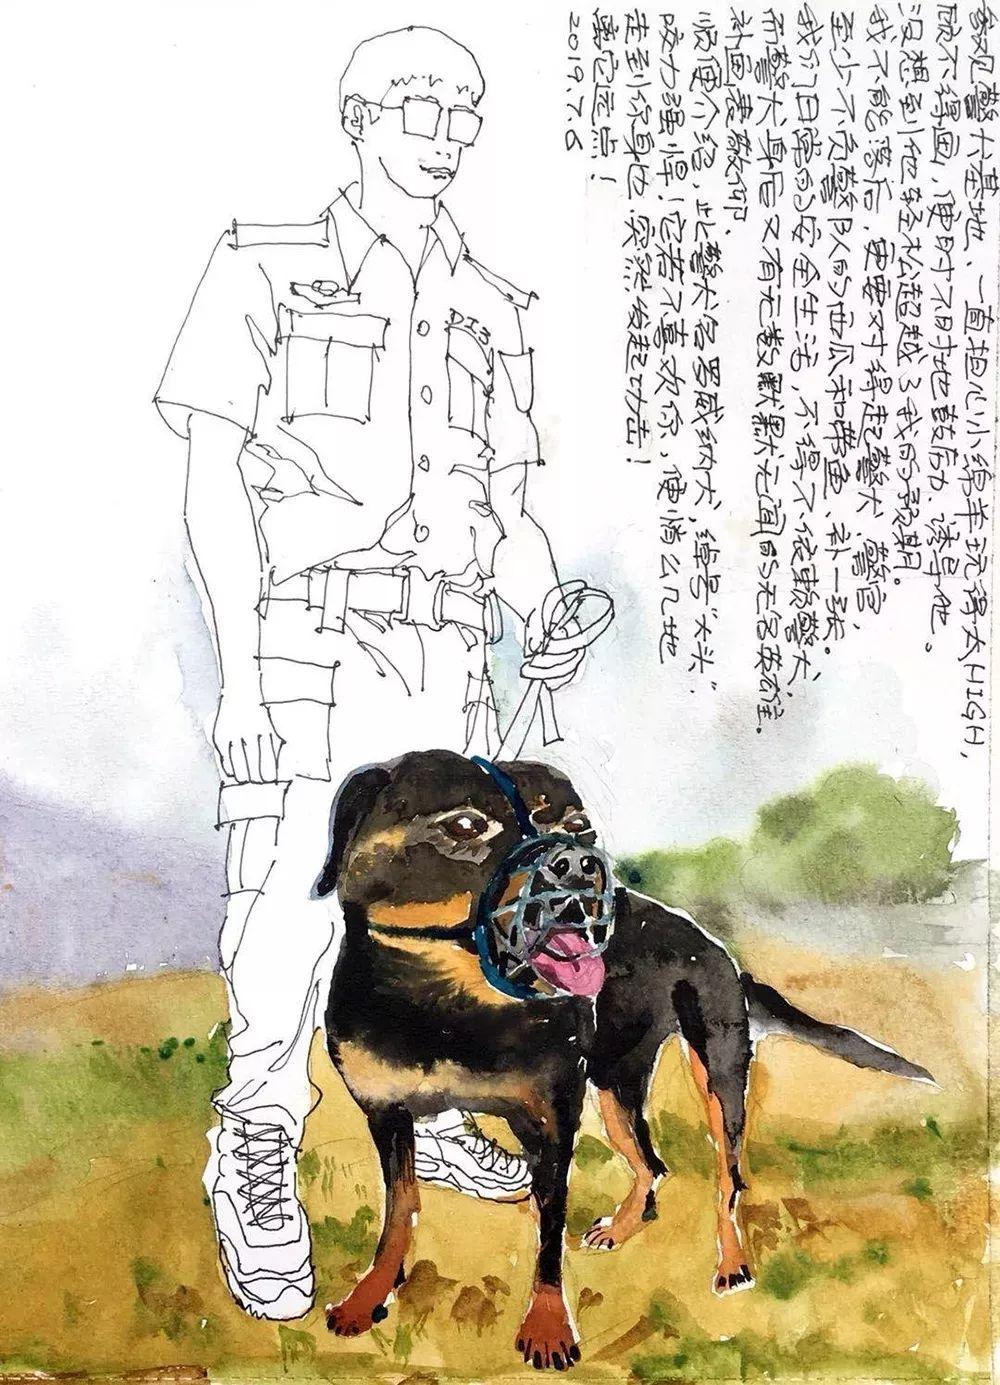 警犬基地的小画家:今日,补画表敬仰!